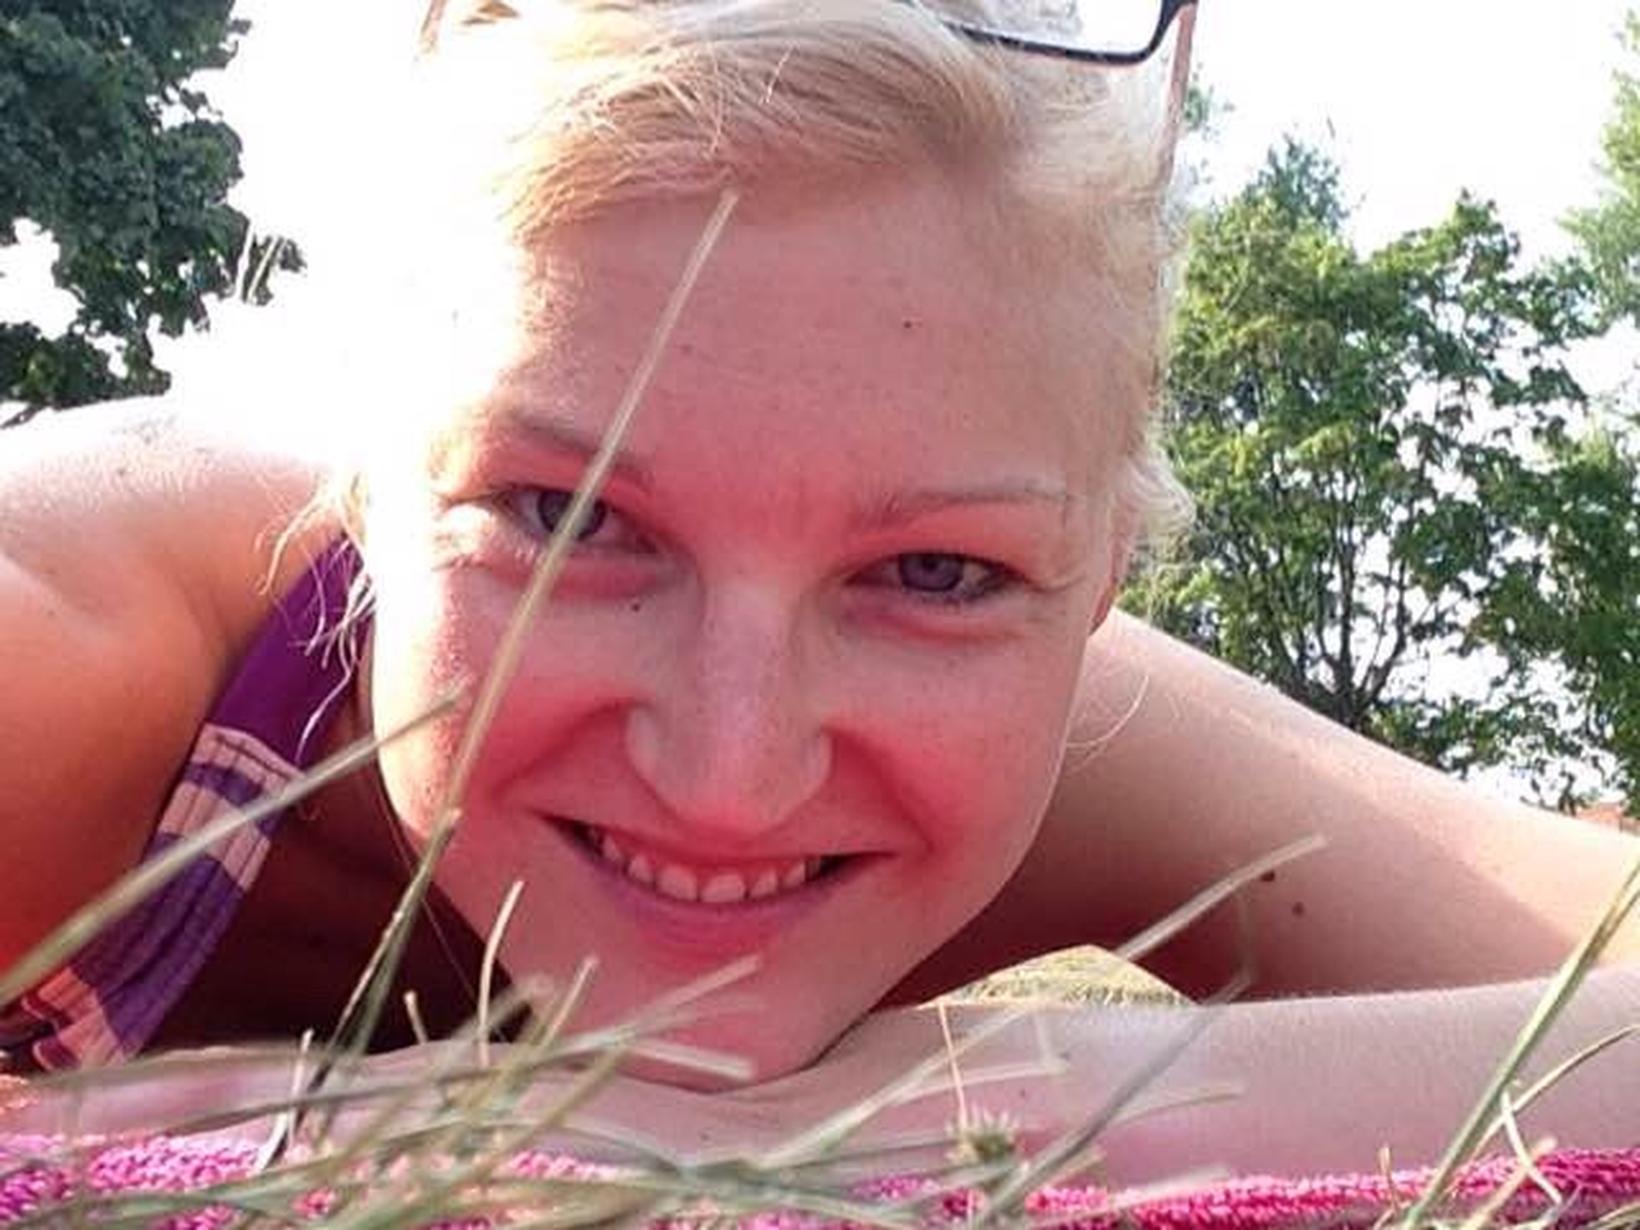 Ulrike from Berlin, Germany